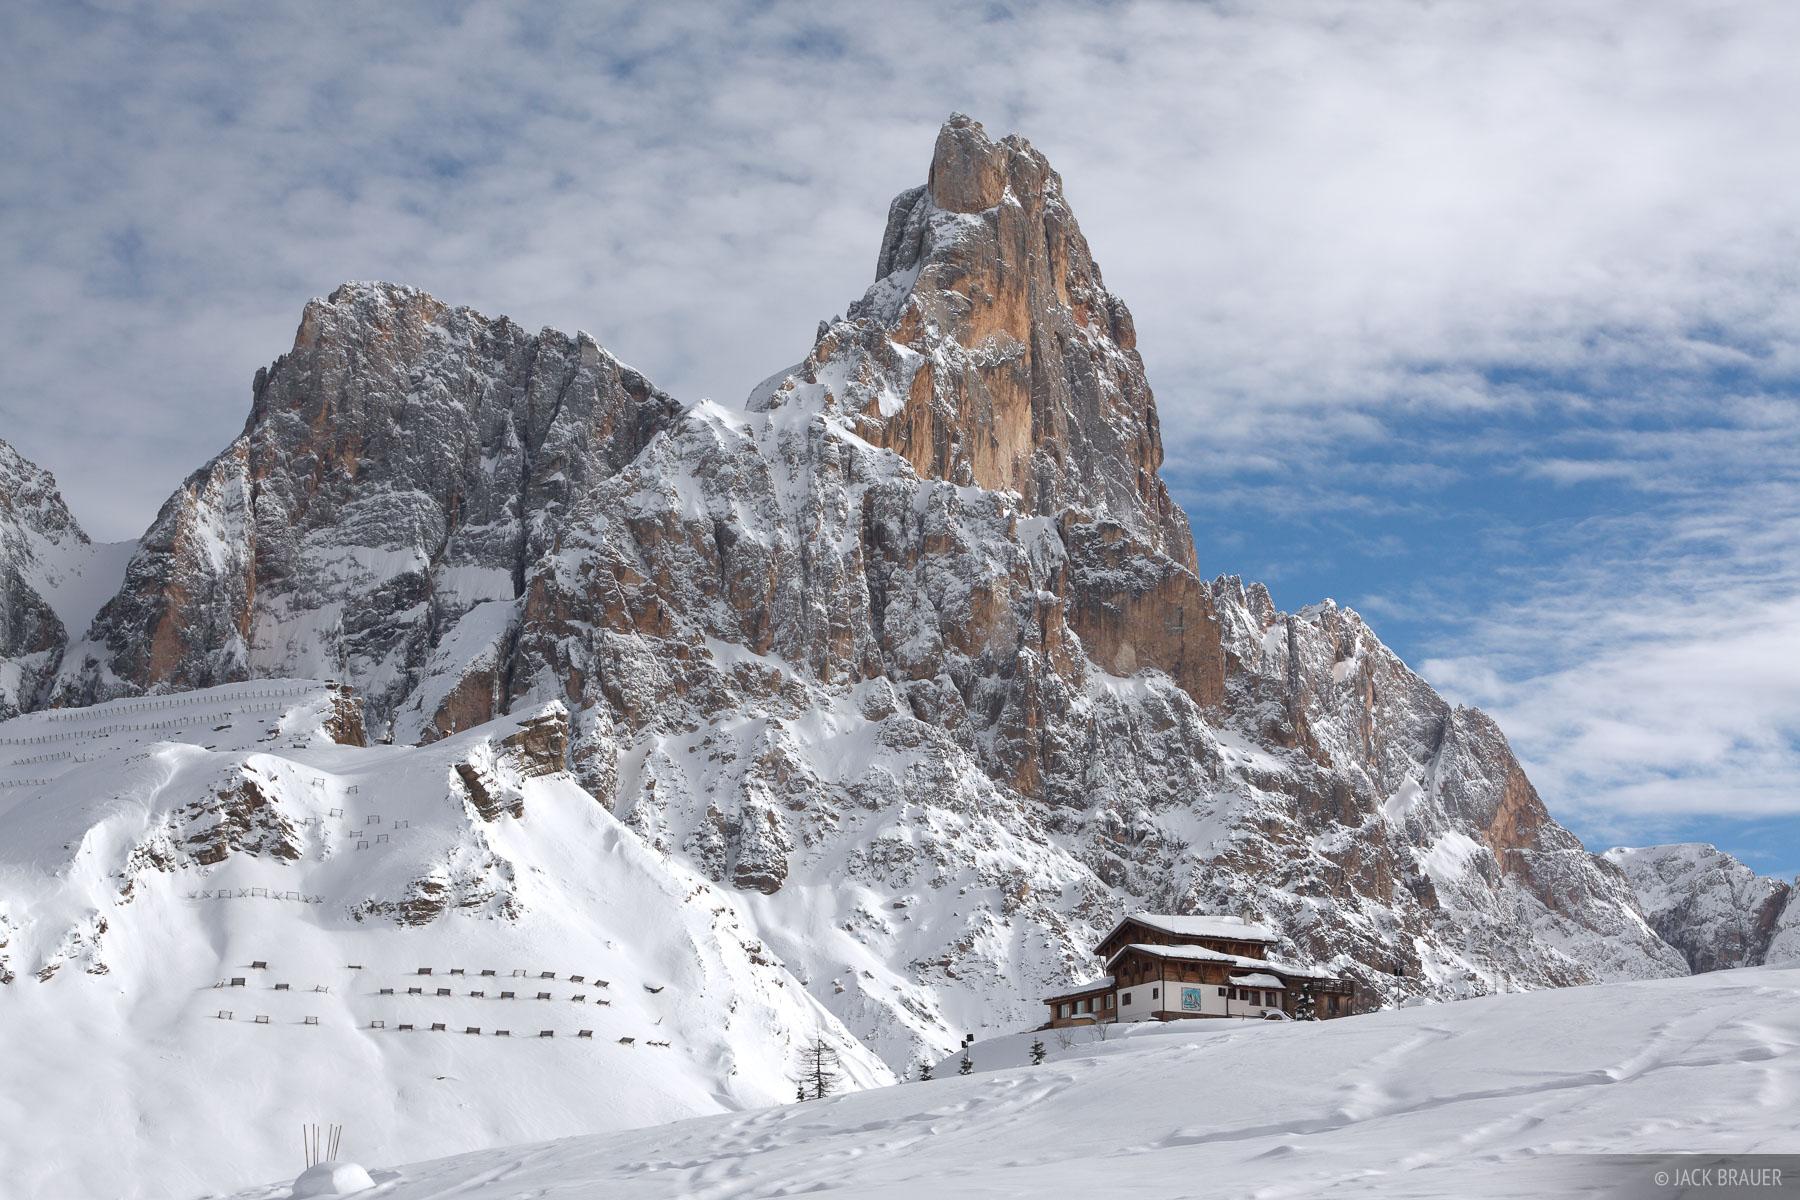 Cimon della Pala, Dolomites, Europe, Italy, San Martino, Passo Rolle, Alps, photo